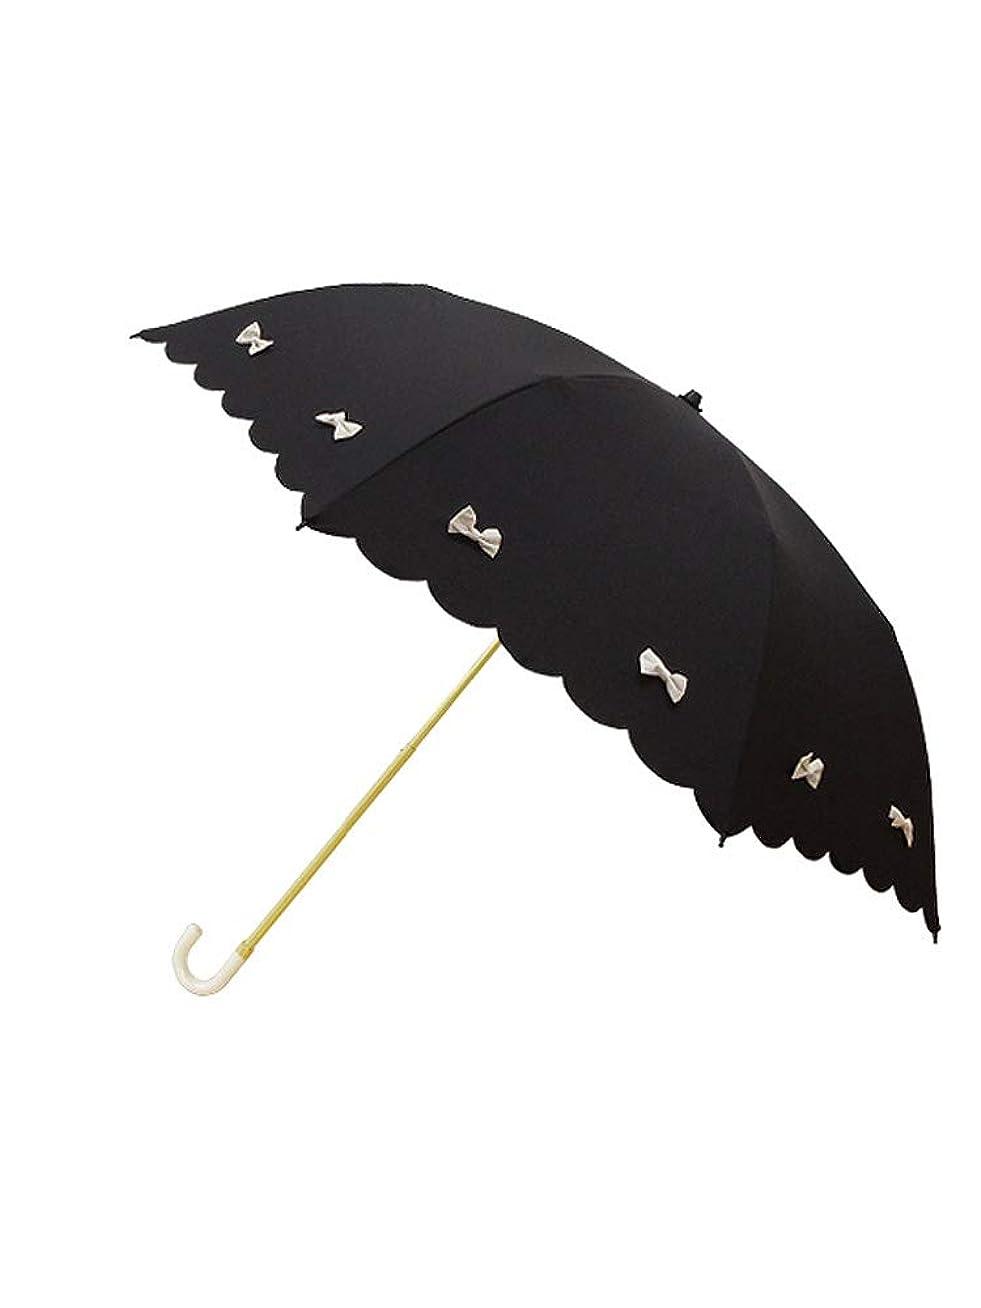 喪どれか人間[ピンクトリック] 折りたたみ 傘 晴雨兼用 UVカット